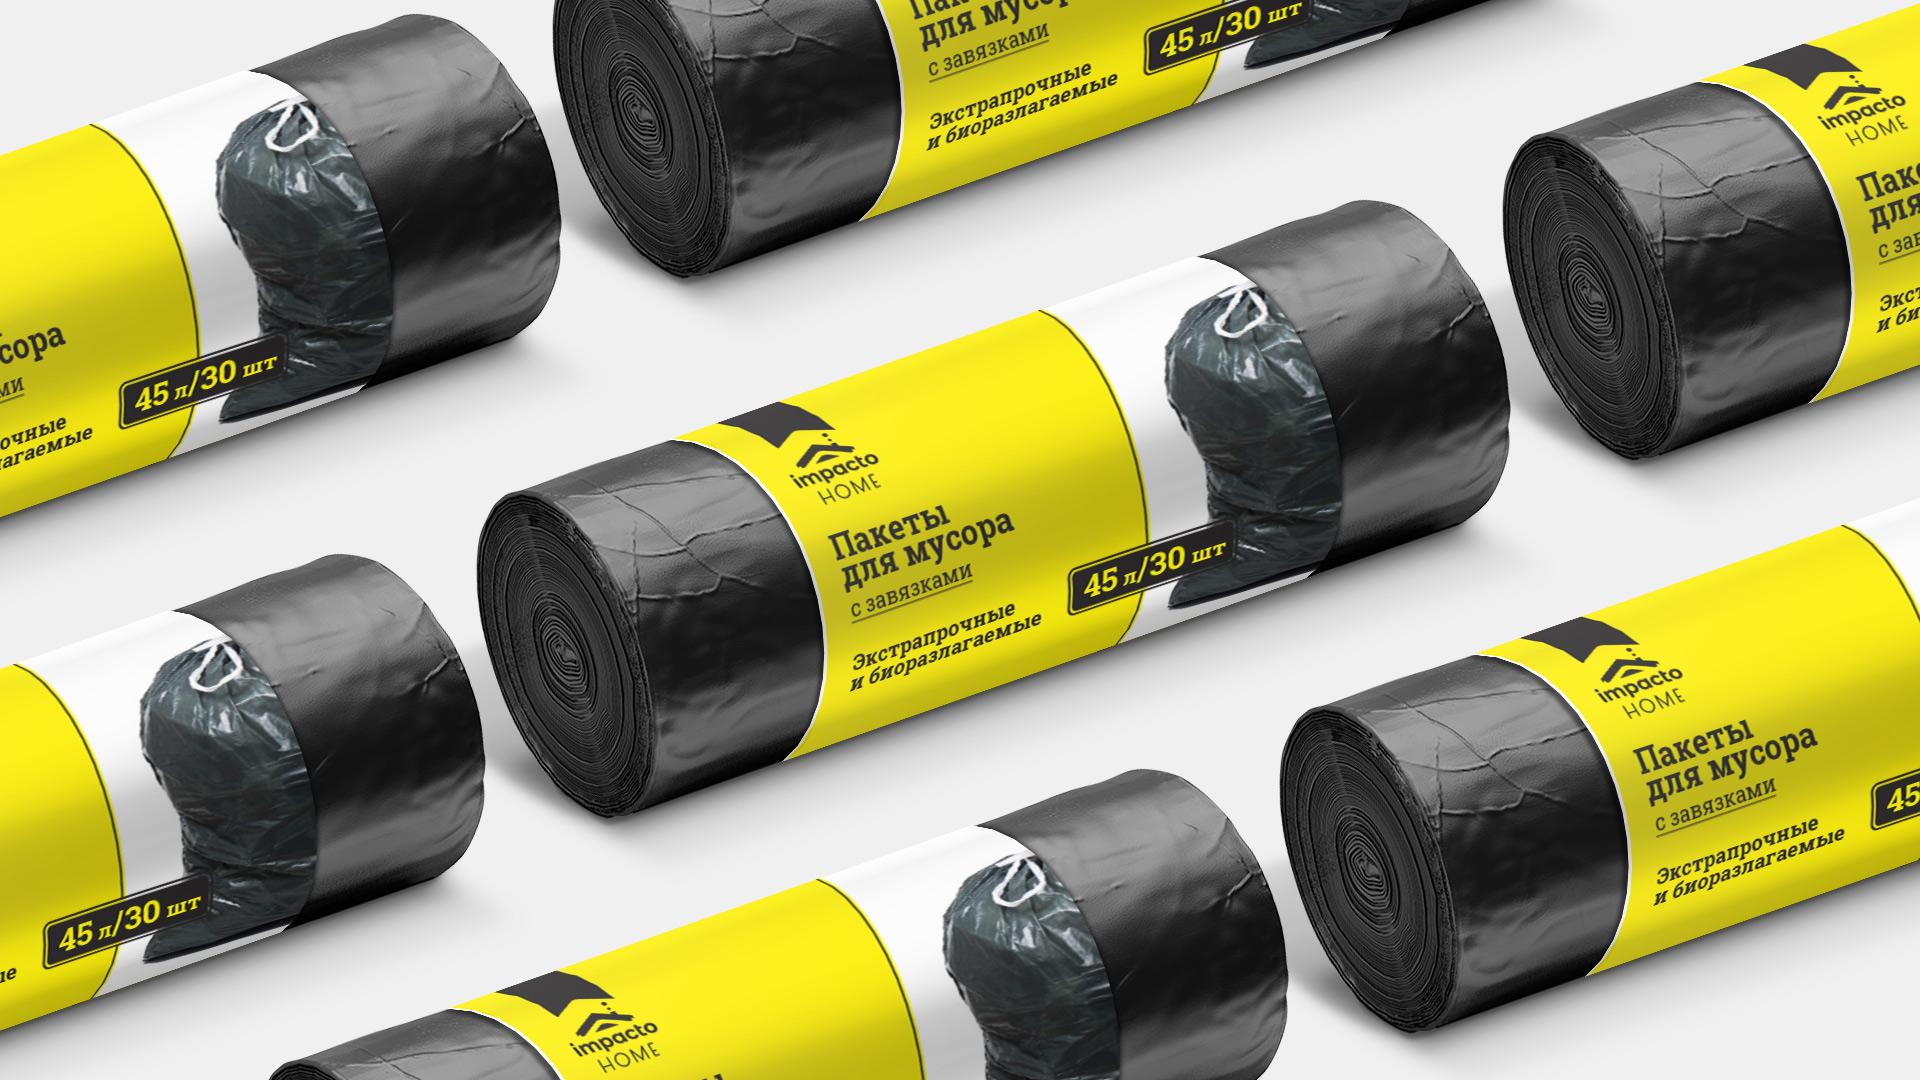 дизайн упаковки хоз товаров